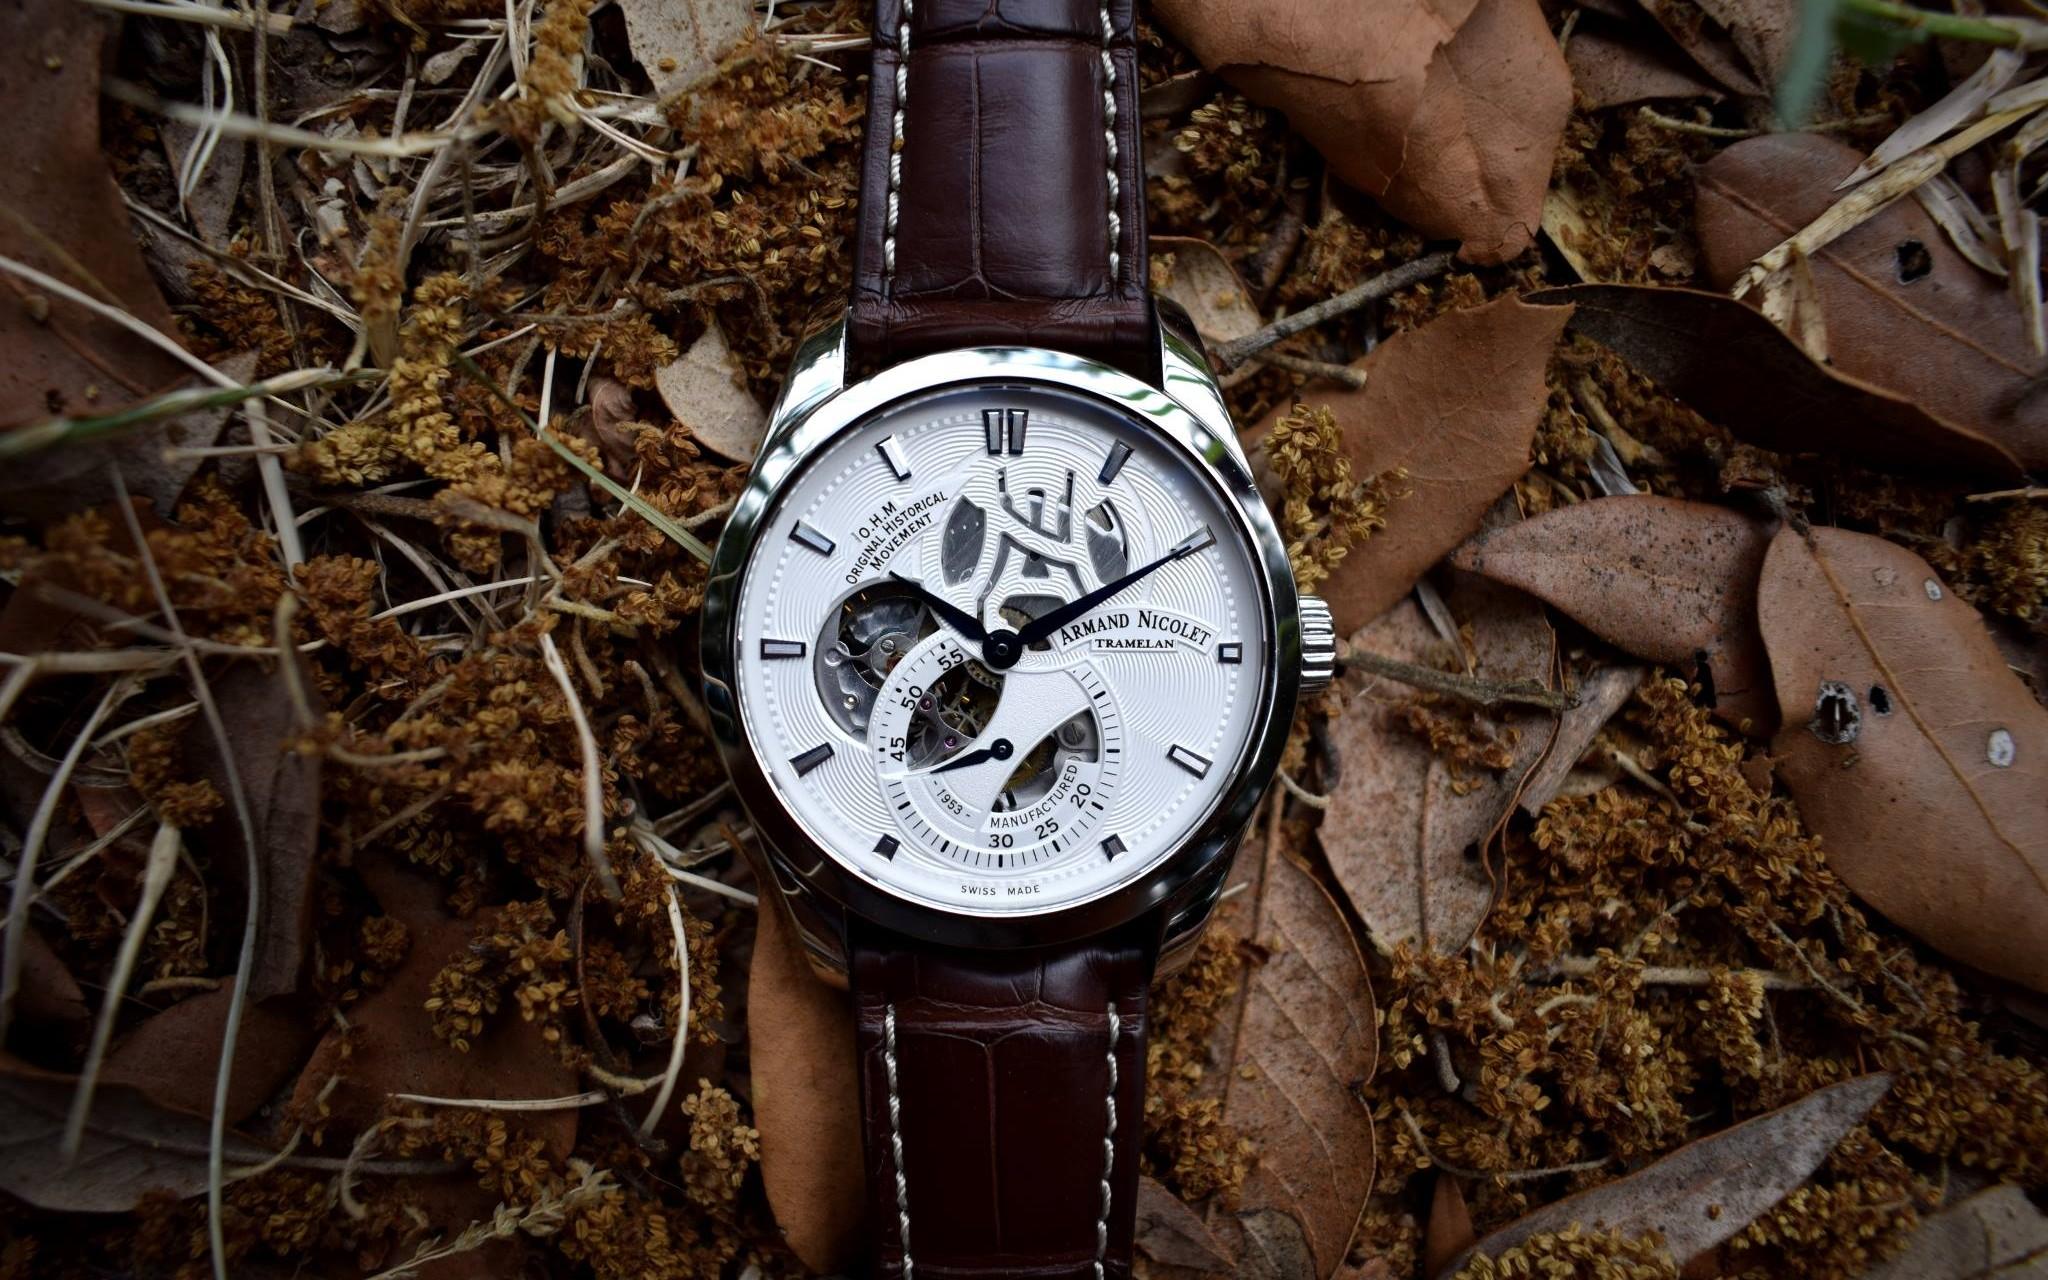 Cập nhật các mẫu đồng hồ Armand Nicolet đang giảm giá rất sâu tại Mỹ